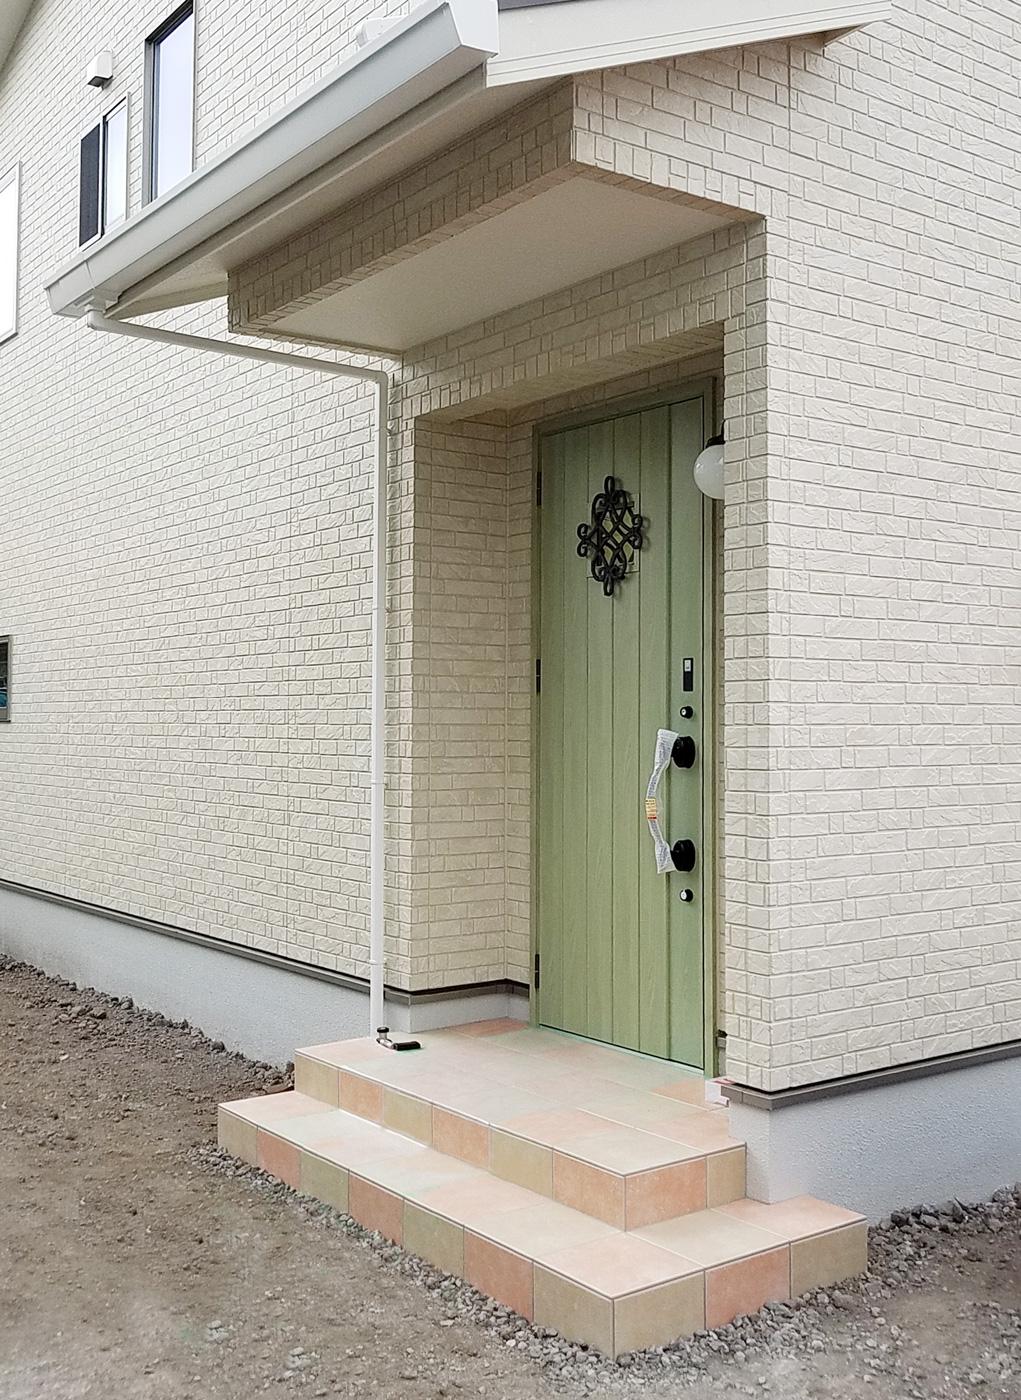 玄関ポーチは立体的な市松模様に挑戦しました。(ご主人様のこだわり)